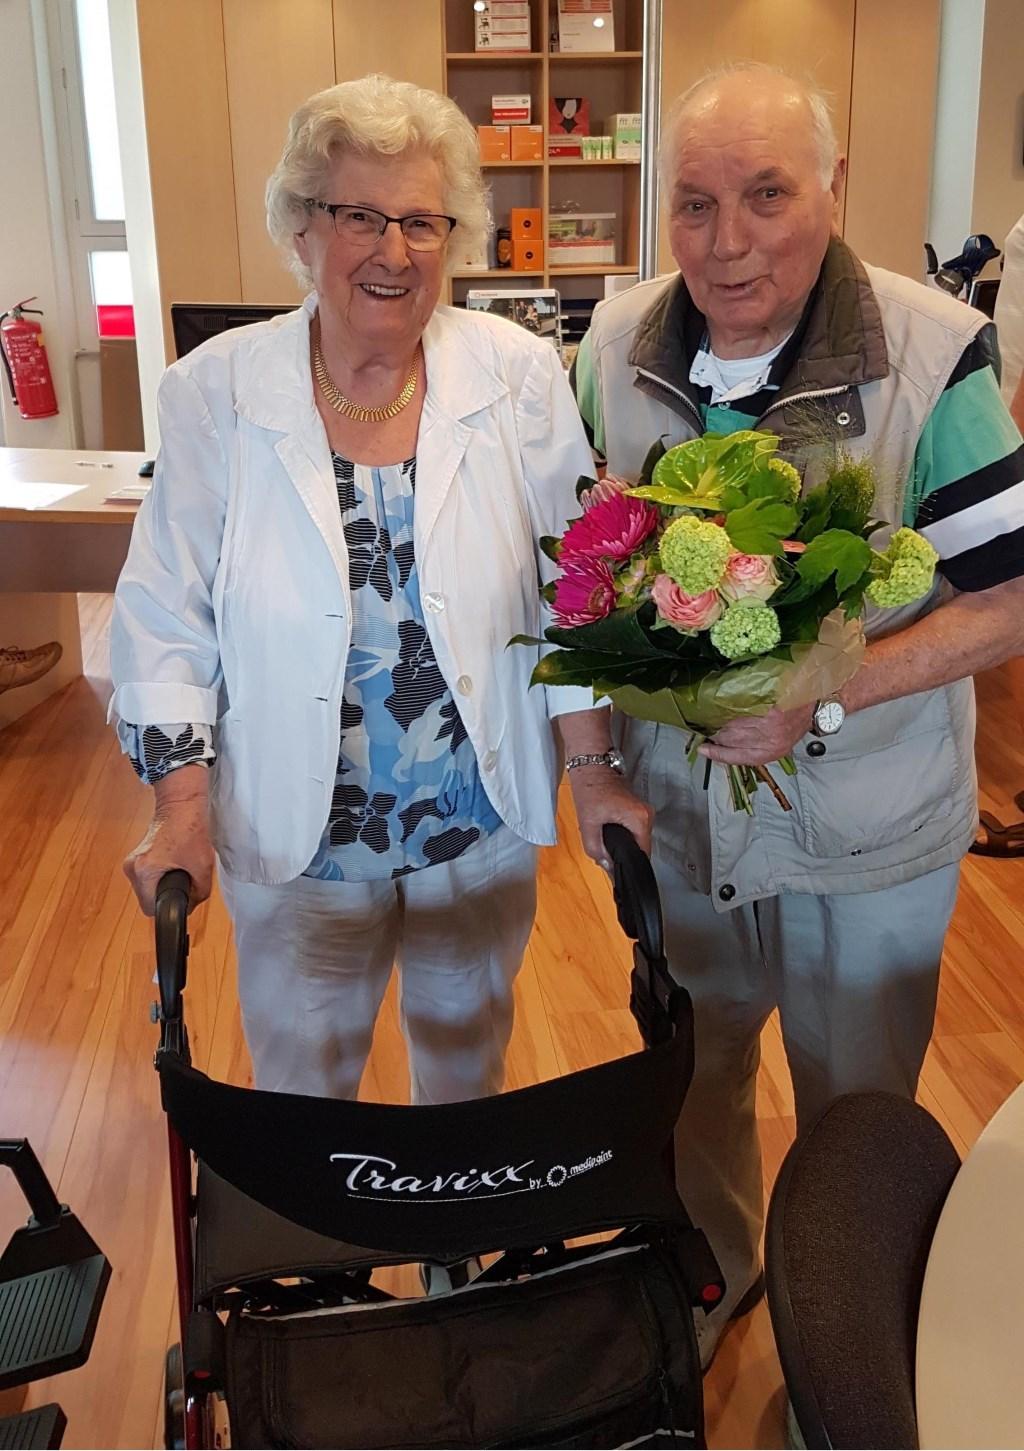 Mevrouw Quaak uit Vlissingen. Zij kreeg woensdag 9 mei tijdens de Eropuit-dag van de Medipoint | Thuiszorgcentrum Zeelandwinkel in Vlissingen de nieuwe, verbeterde Travixx rollator uitgereikt.